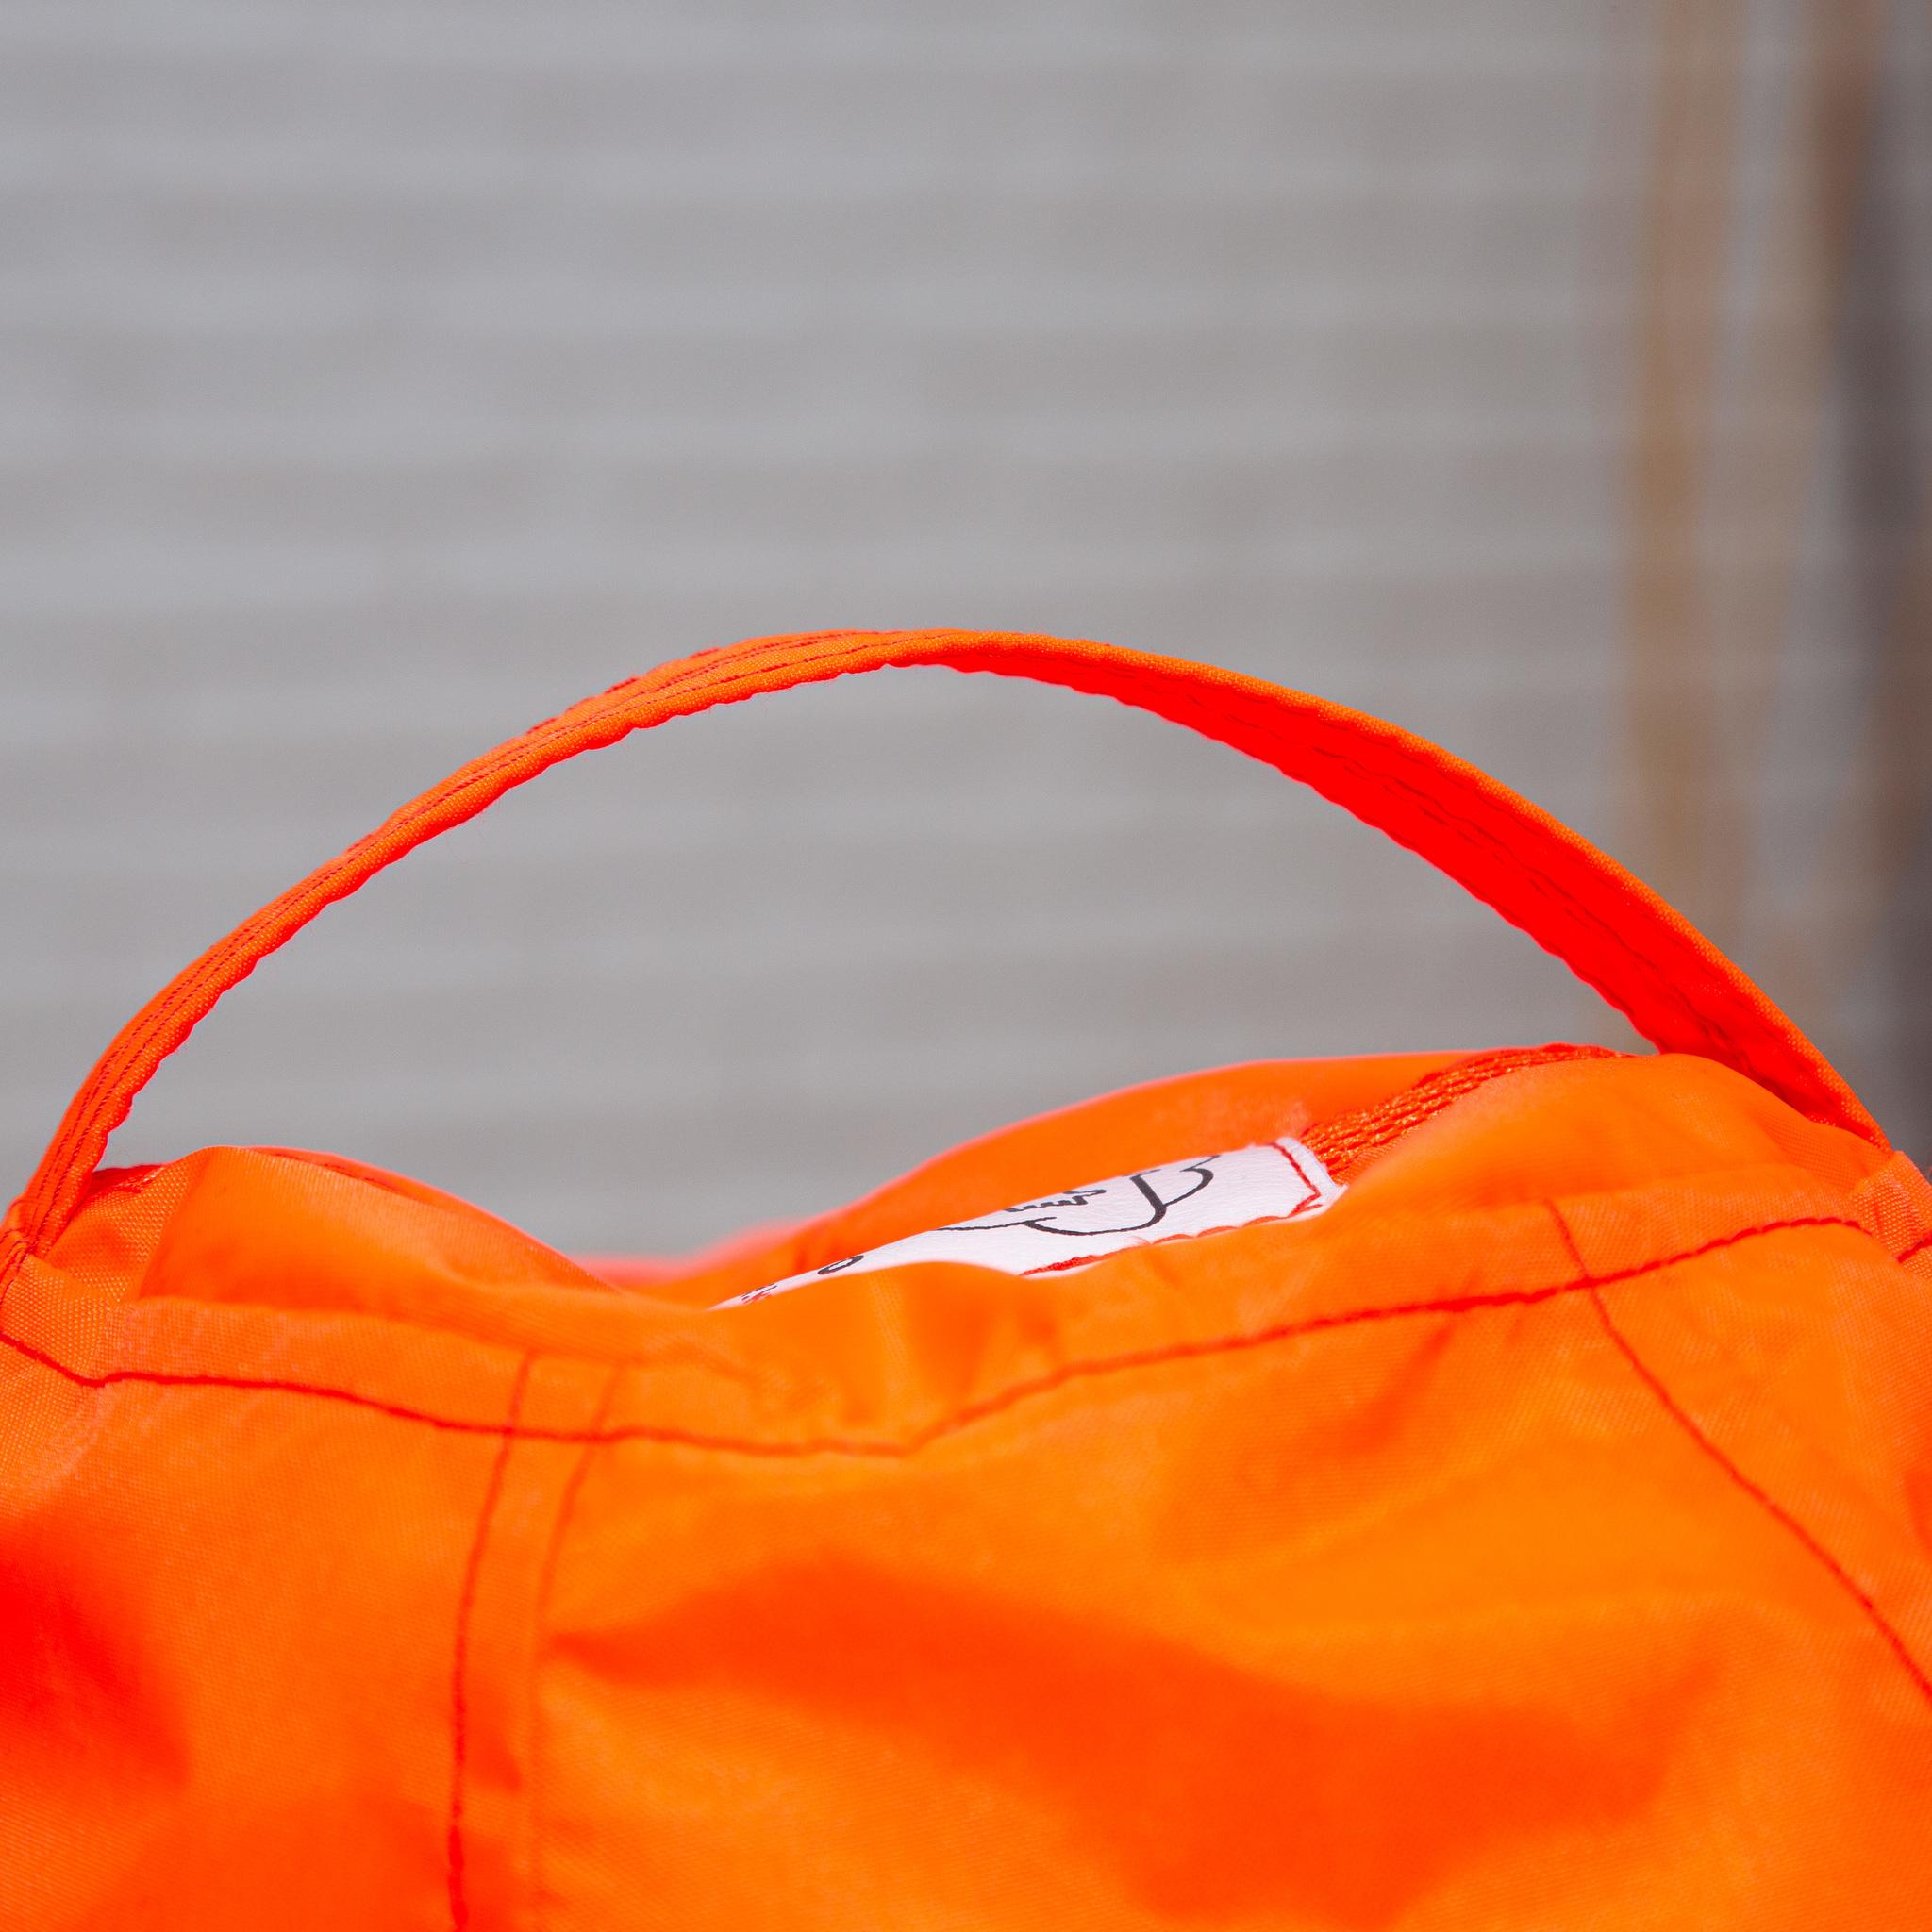 Груша M плащёвка, несъёмный чехол (неоново-оранжевая)